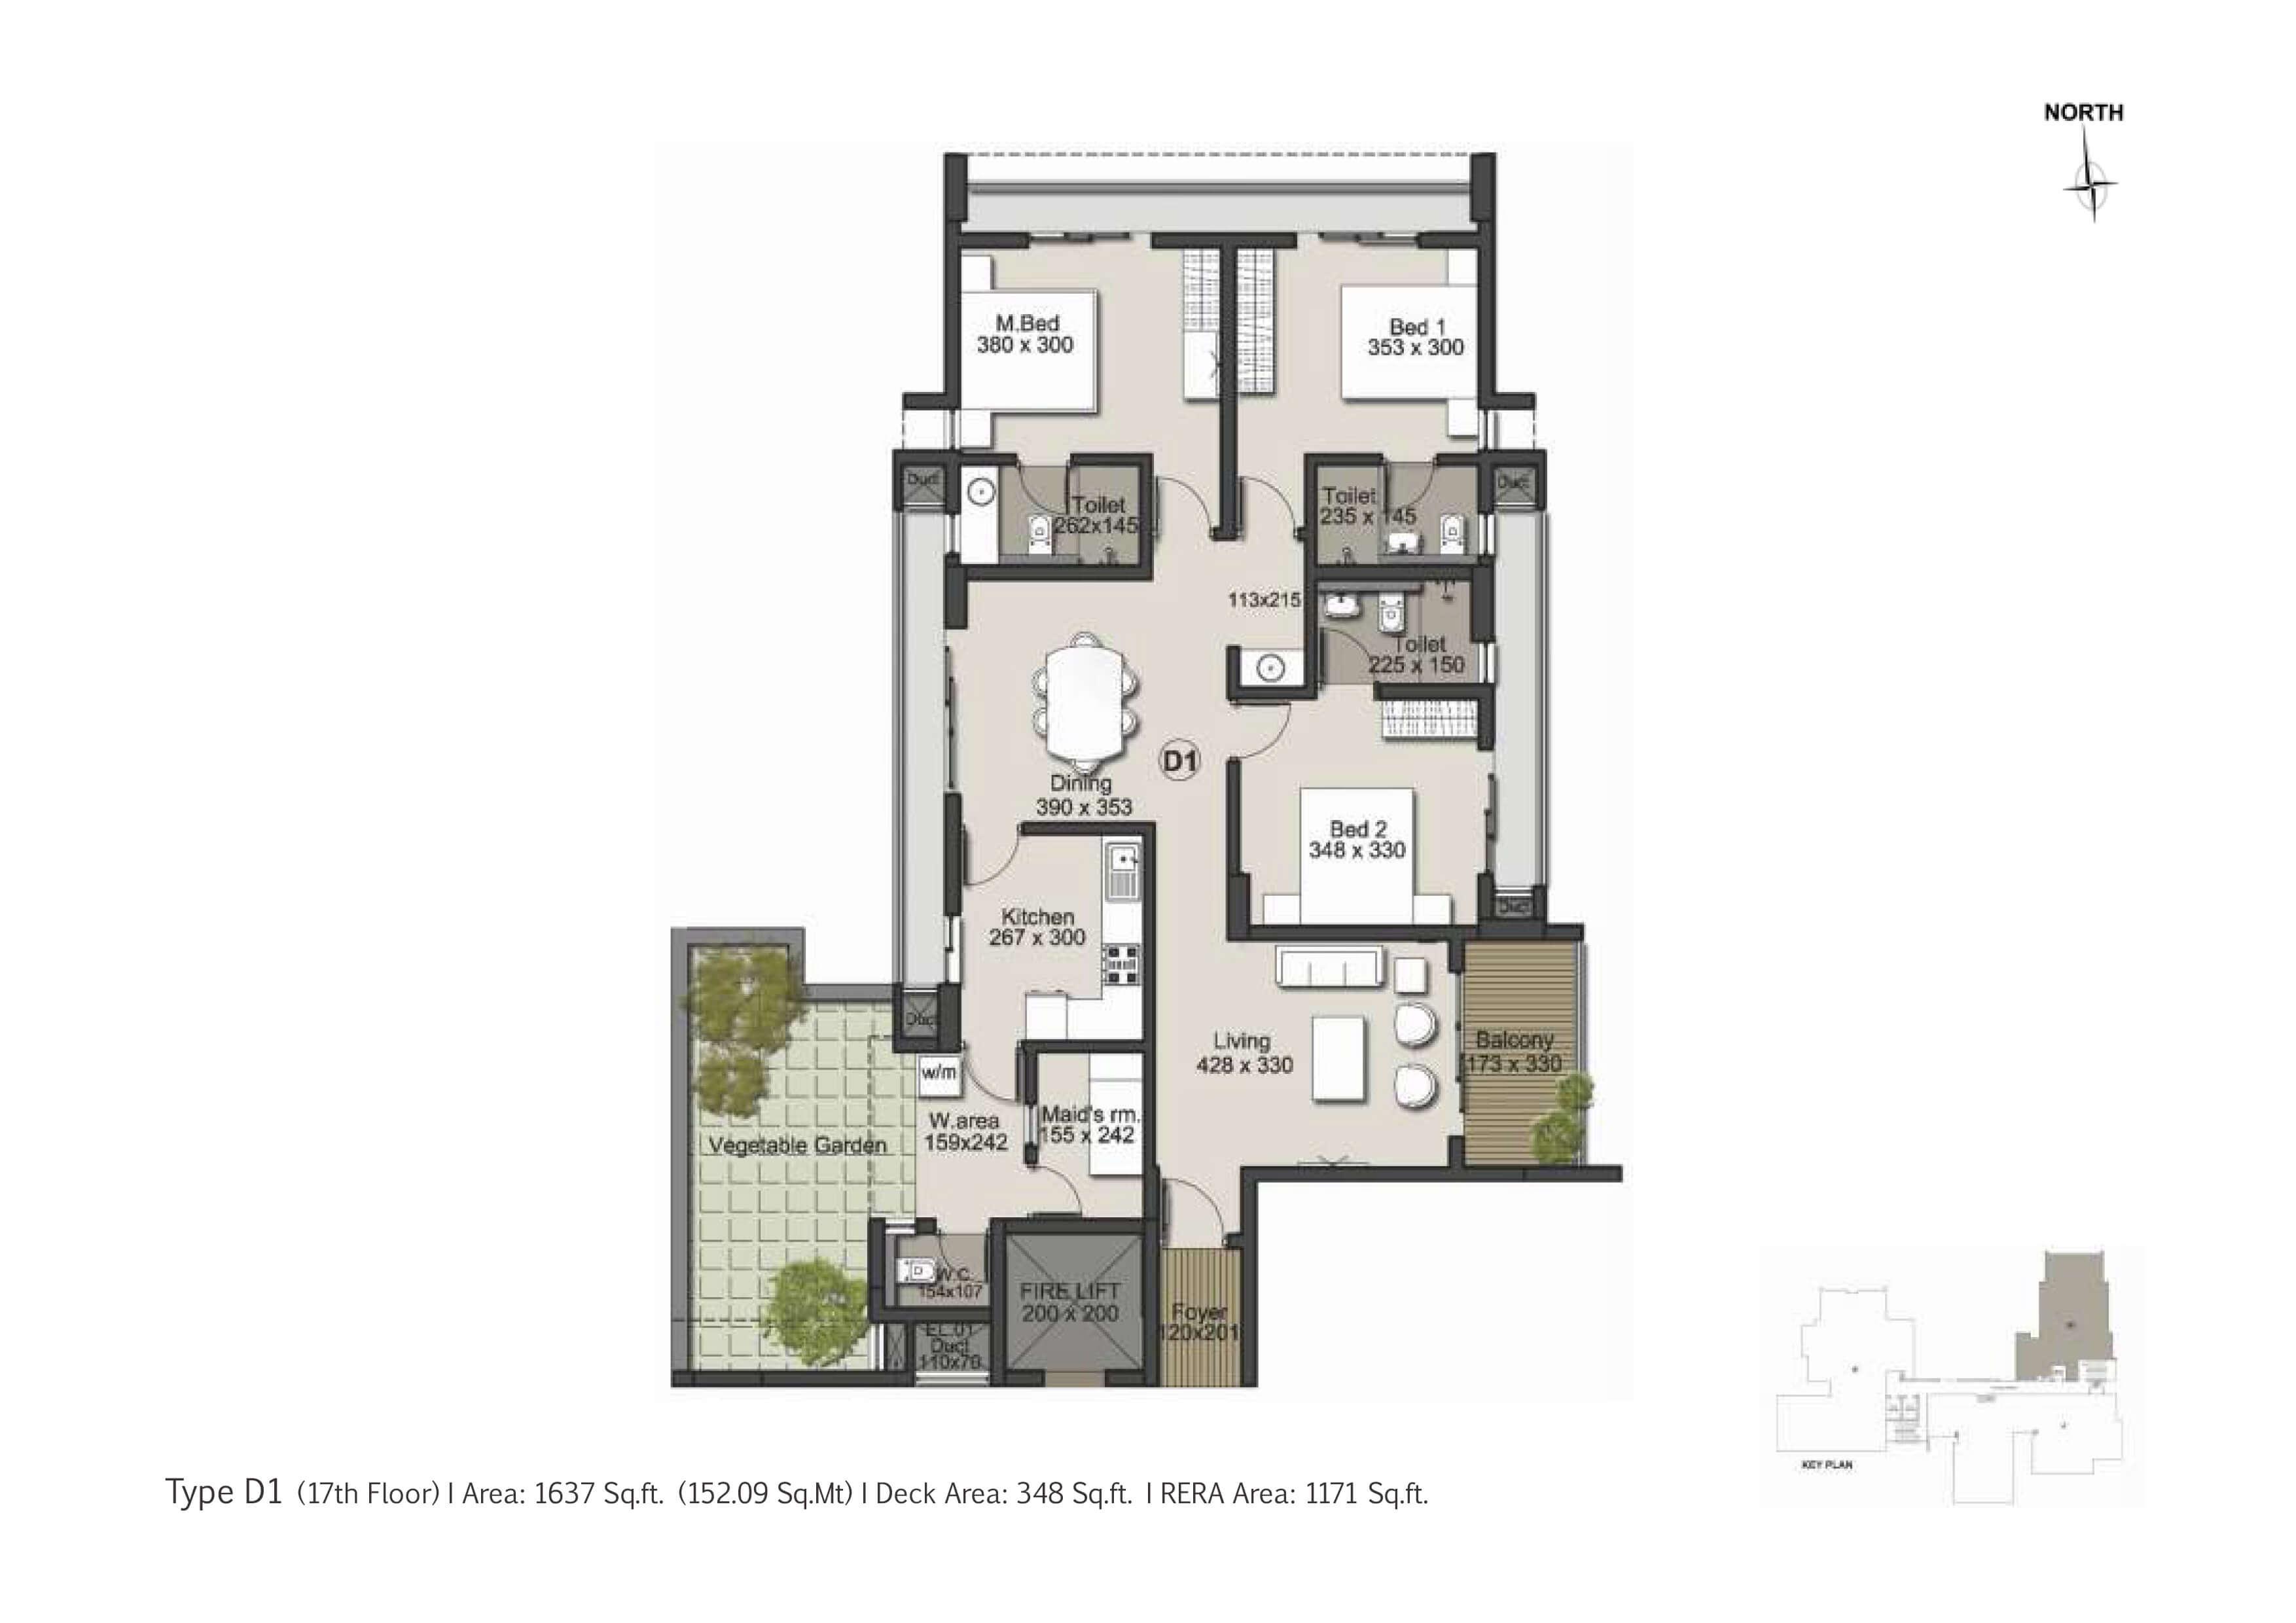 Type D 1 Floor Plan